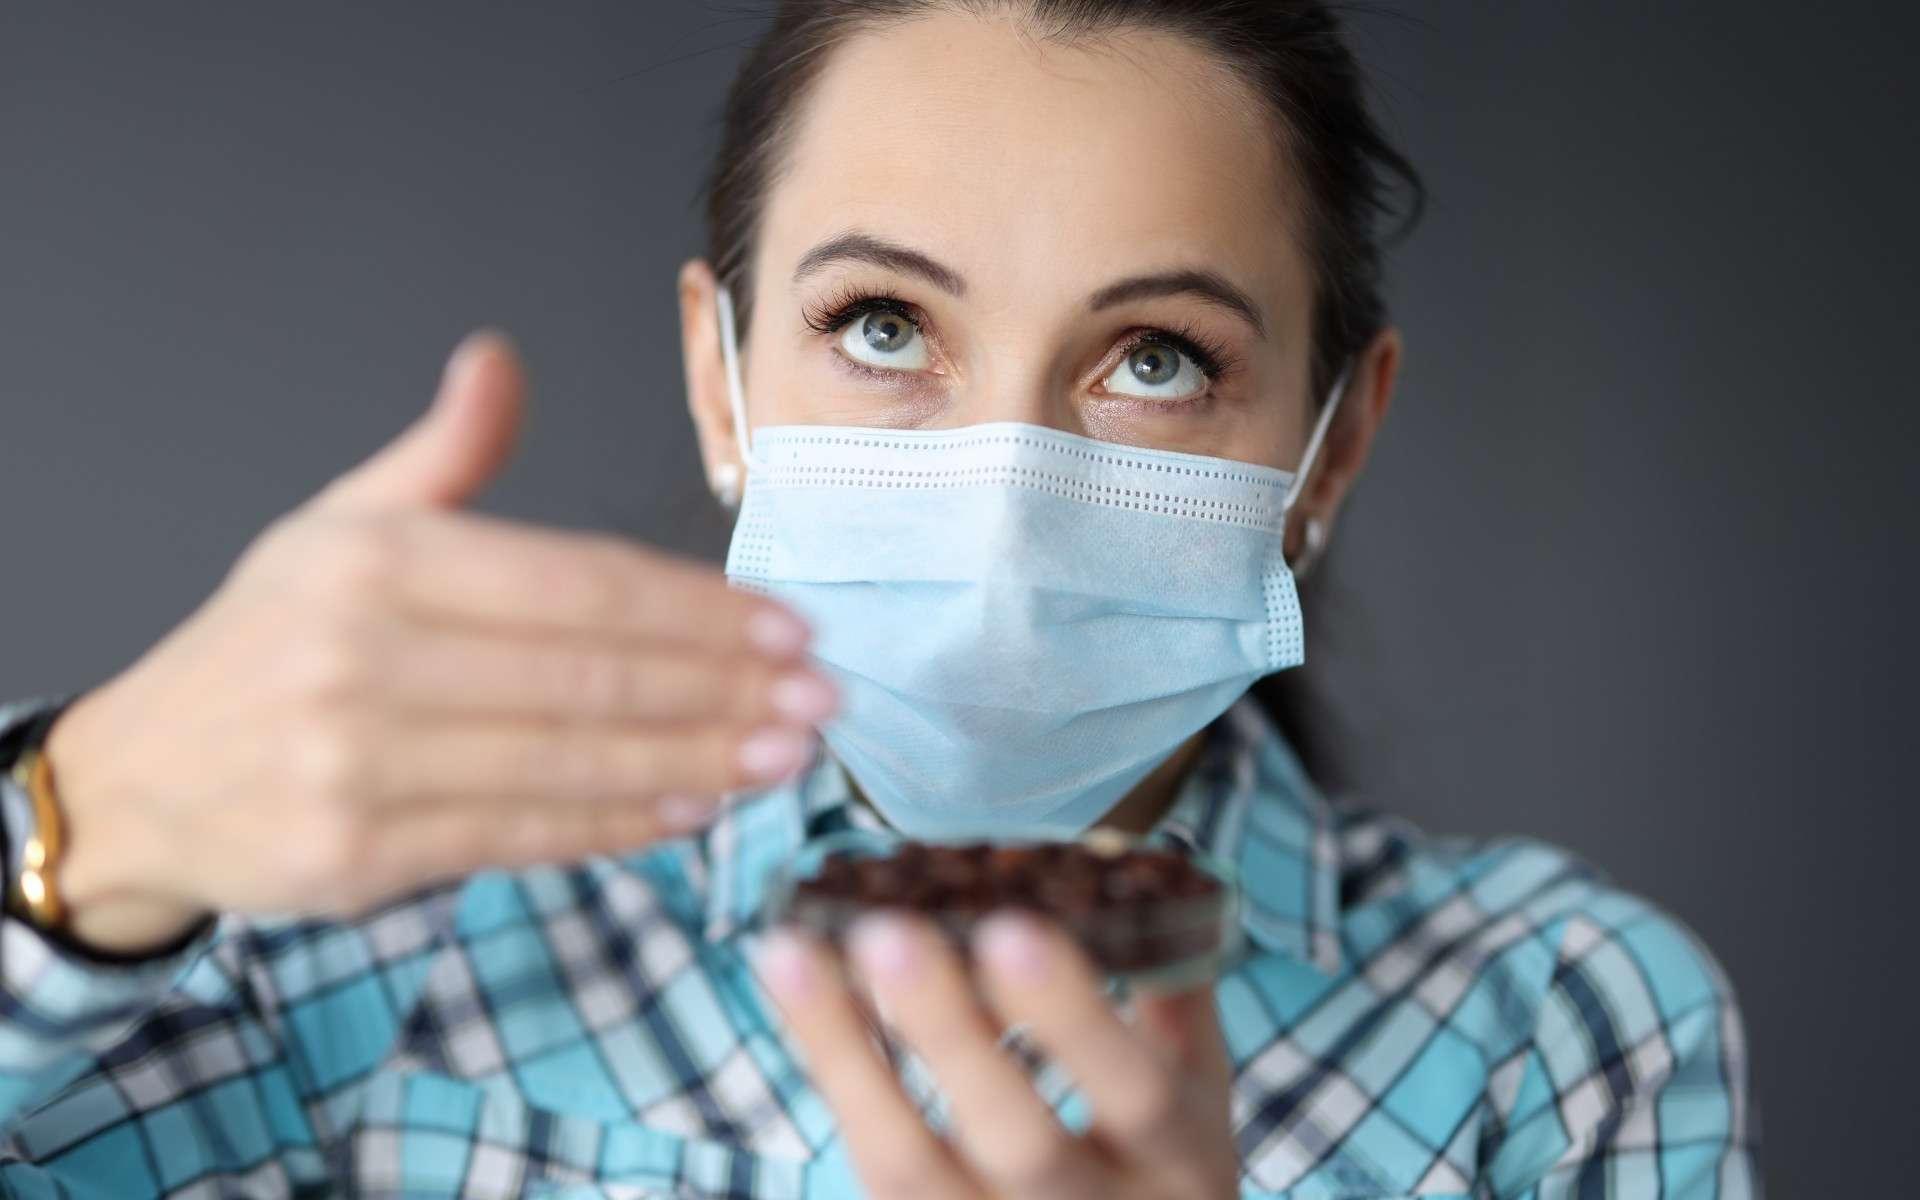 Covid-19 : l'anosmie peut perdurer jusqu'à 5 mois - Futura-Sciences